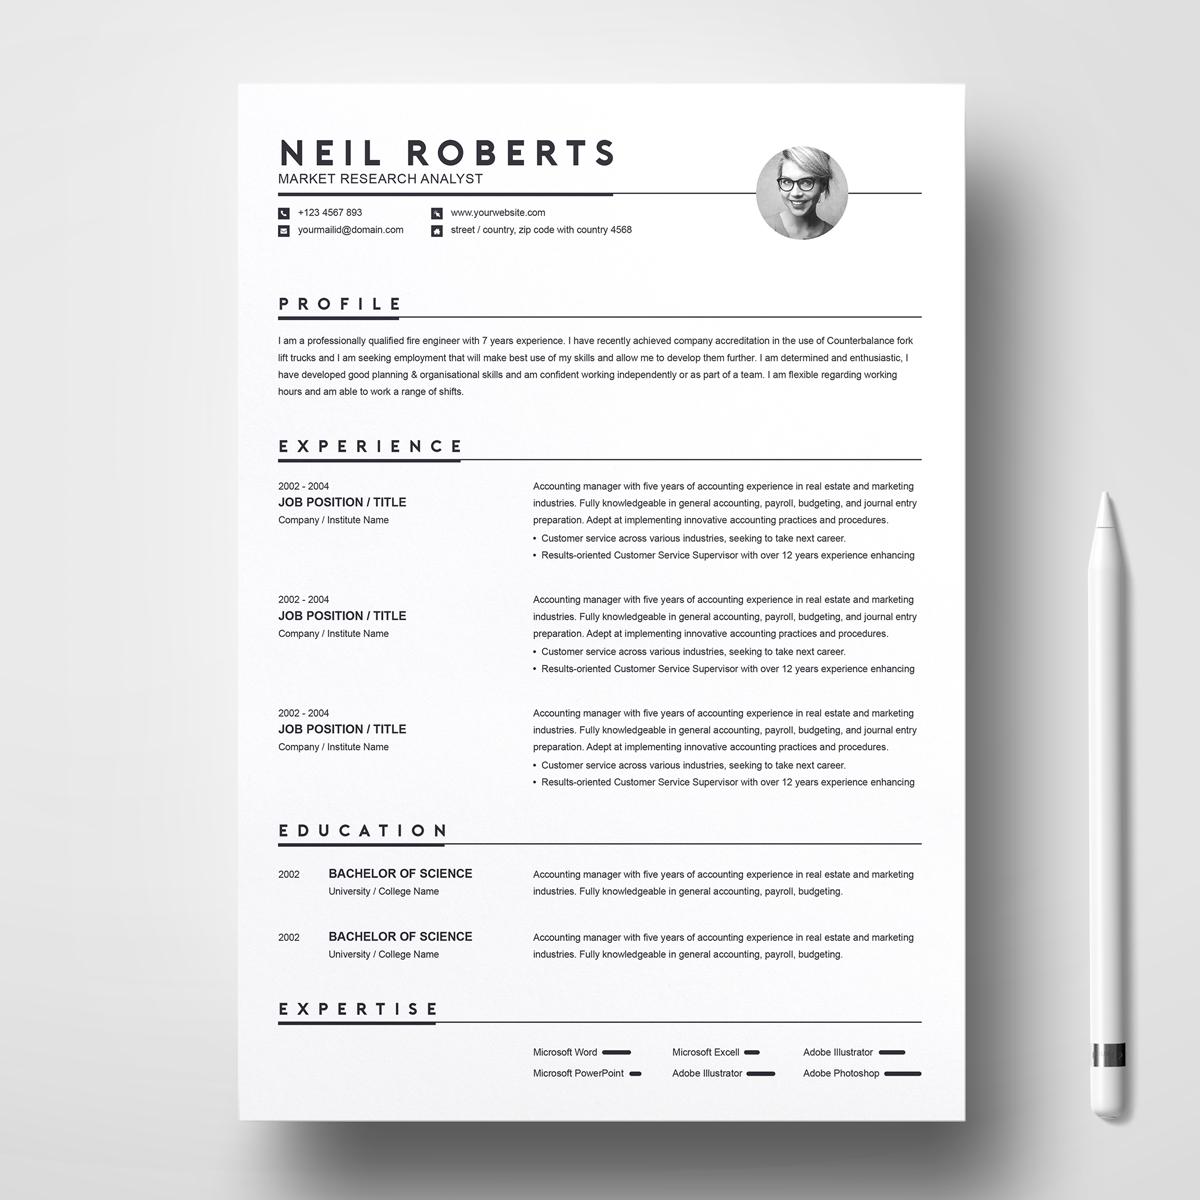 https://s3u.tmimgcdn.com/1860567-1546500798284_01_Modern-Resume-Template---CV-Template-Cover-Letter-Professional-Teacher-Resume_Main-Thumbnail-Image.jpg